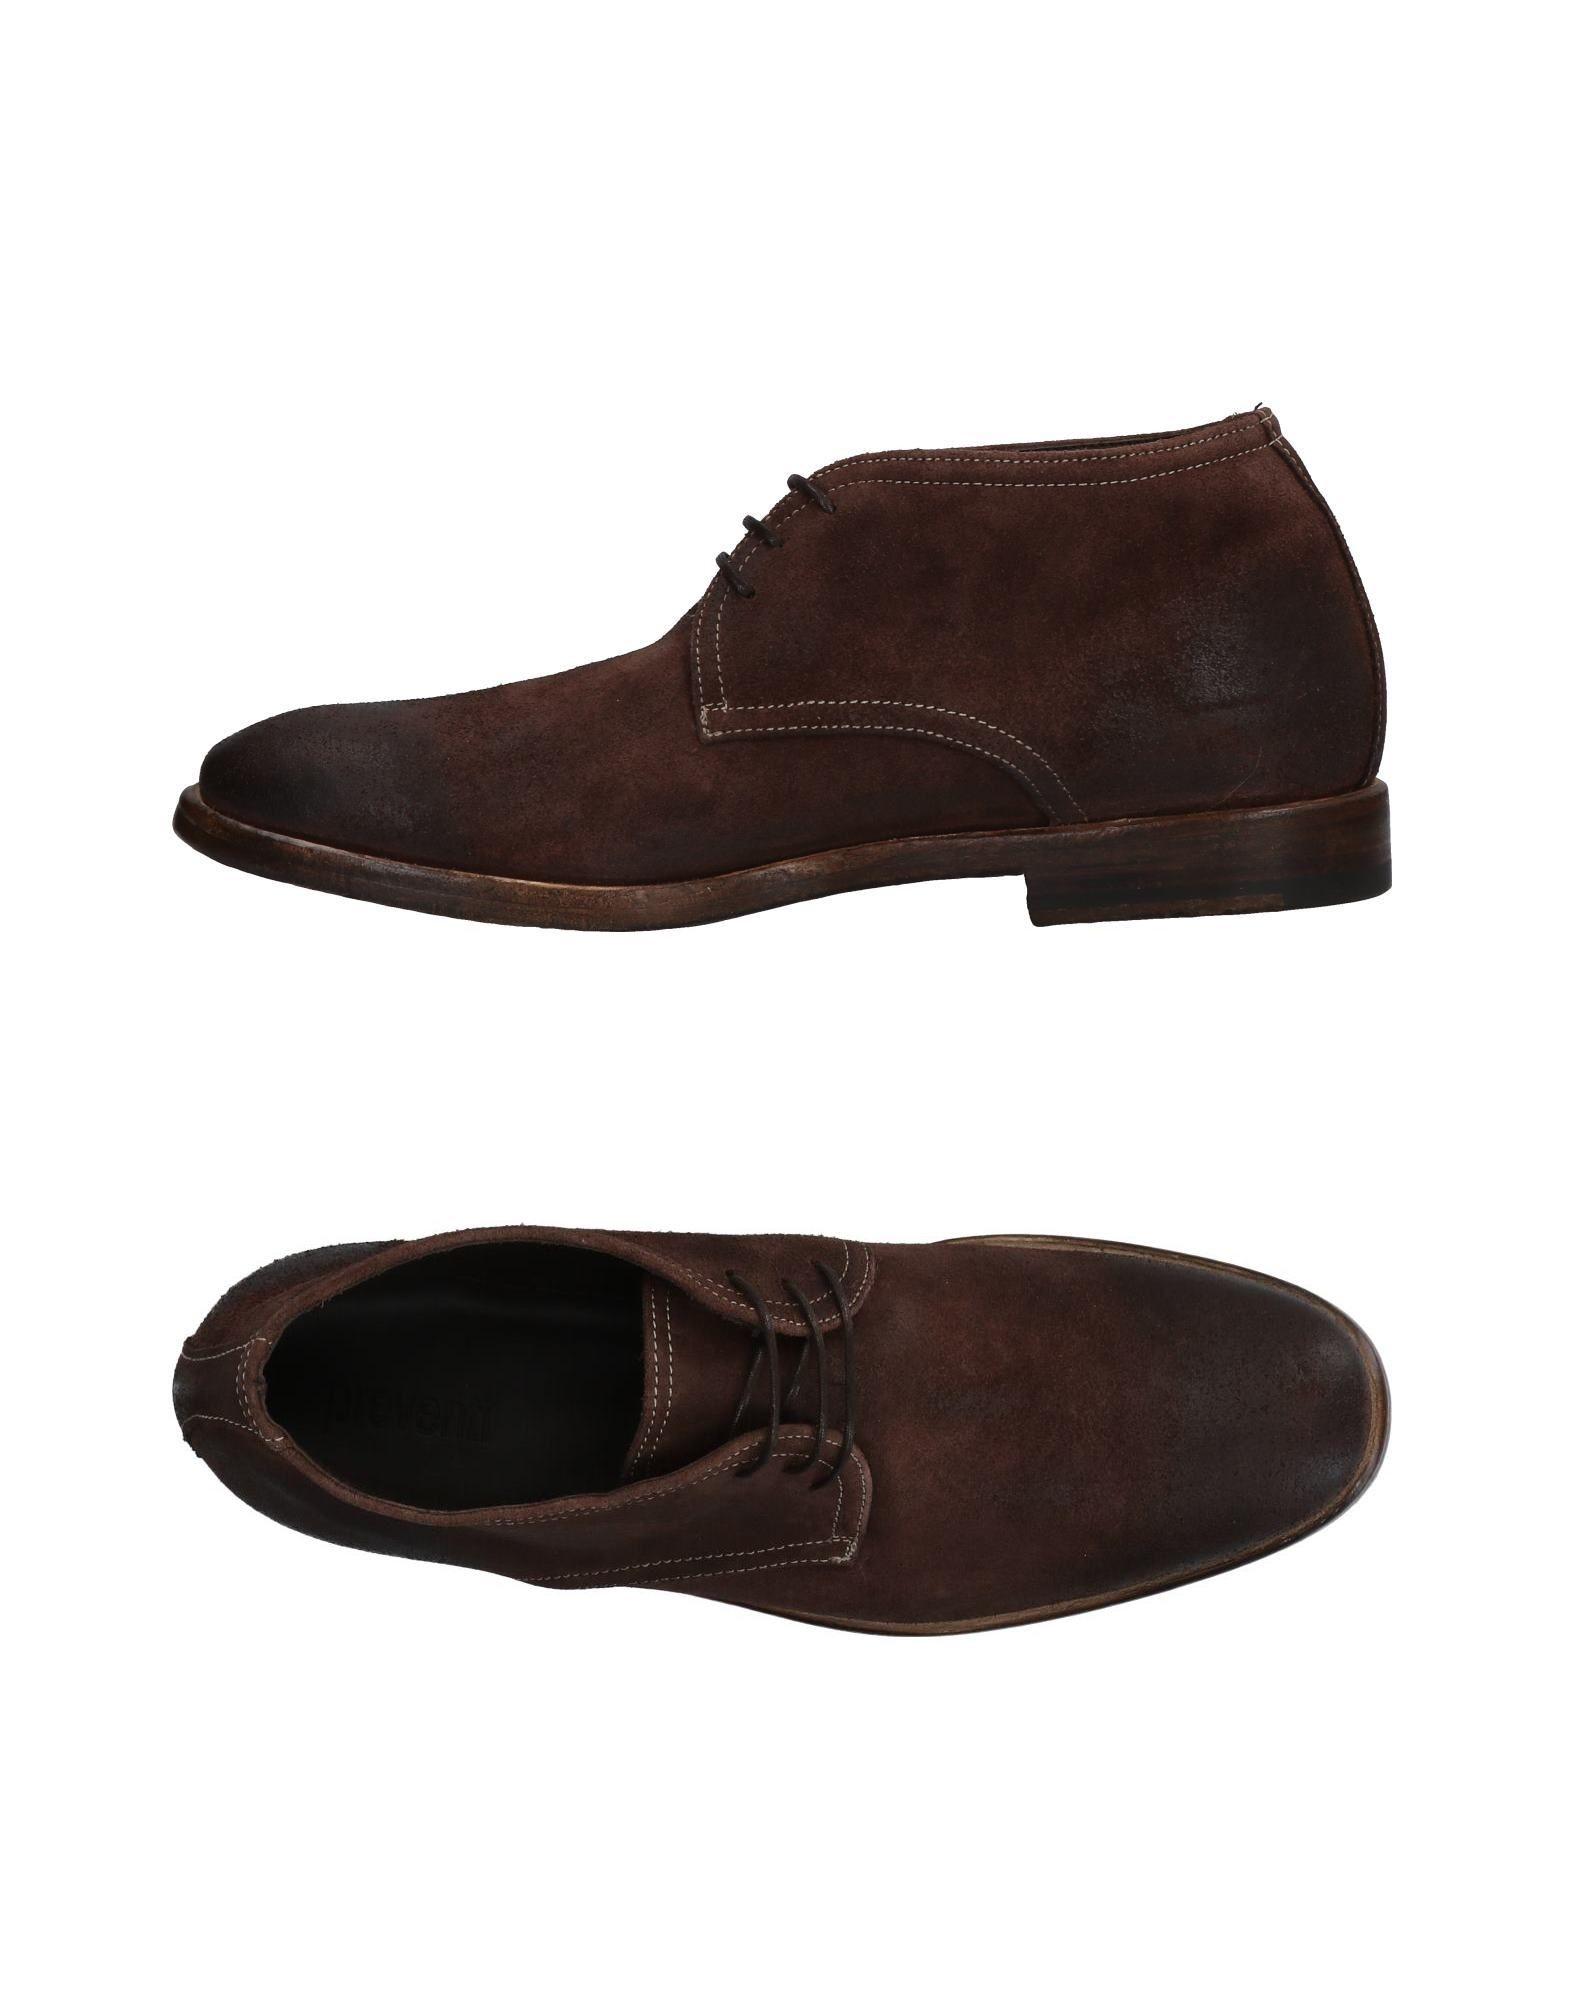 Preventi Schnürschuhe Herren  11474092XR Gute Qualität beliebte Schuhe